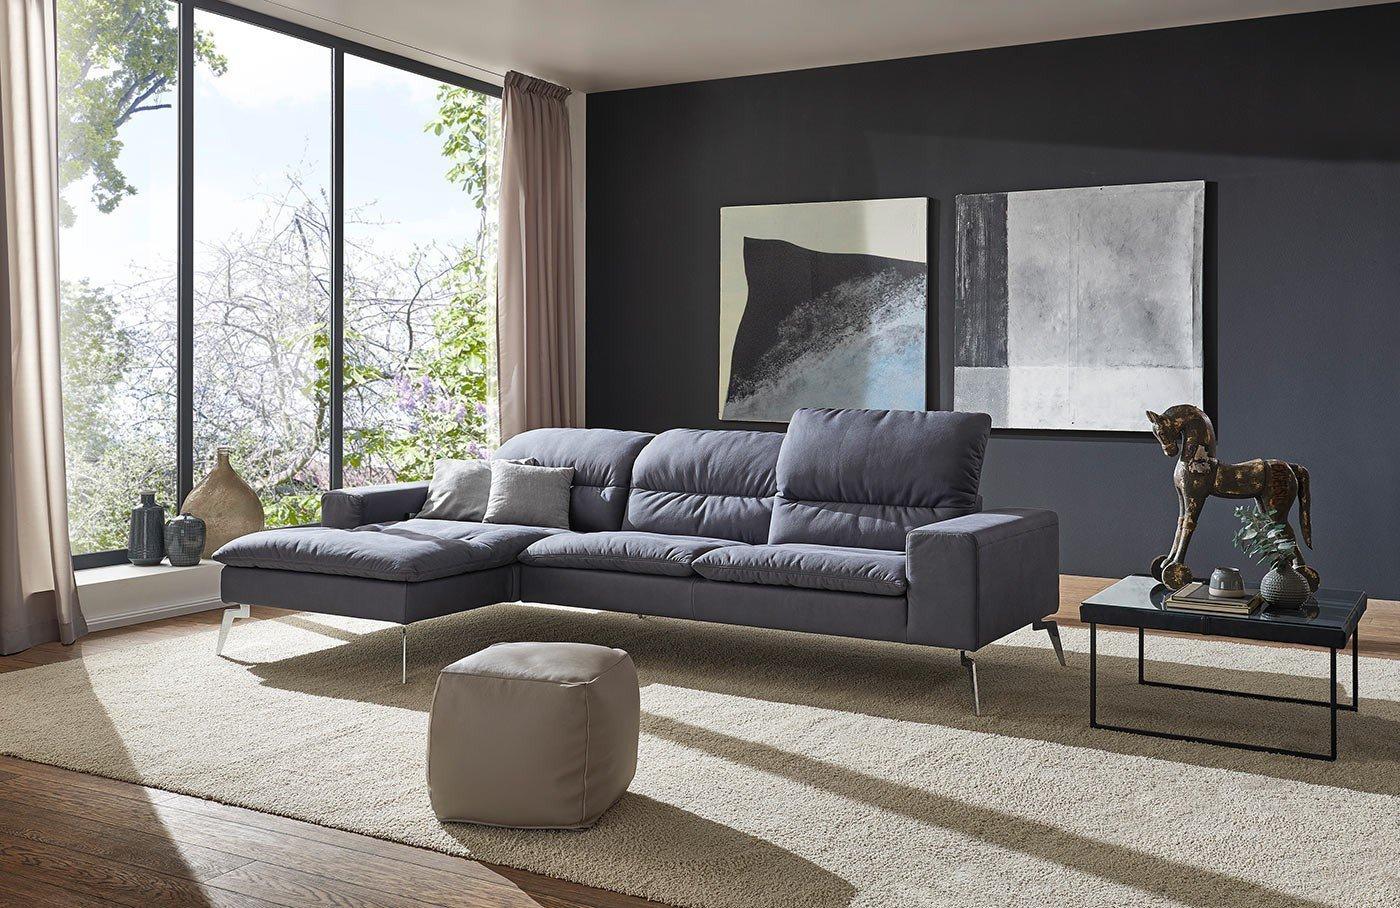 k w polsterm bel chinchilla 7279 eckgarnitur in blau m bel letz ihr online shop. Black Bedroom Furniture Sets. Home Design Ideas